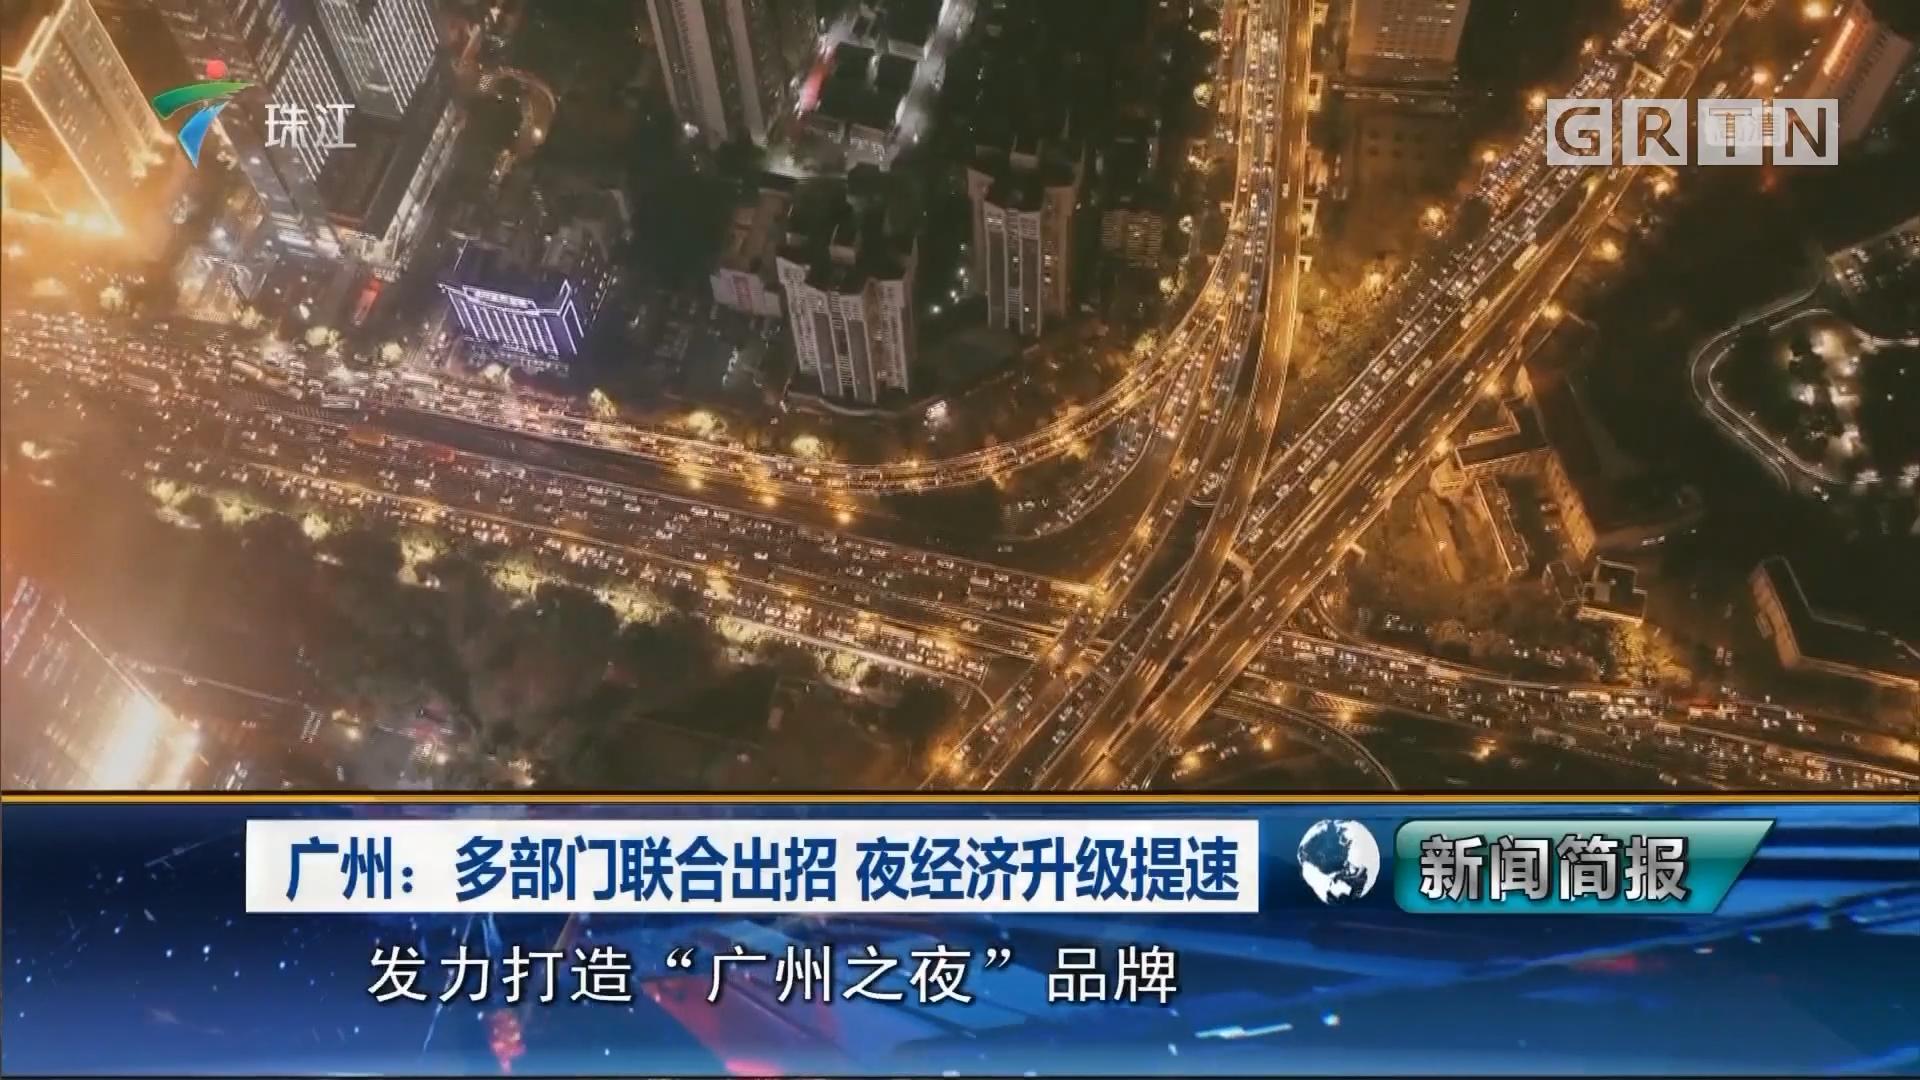 广州:多部门联合出招 夜经济升级提速